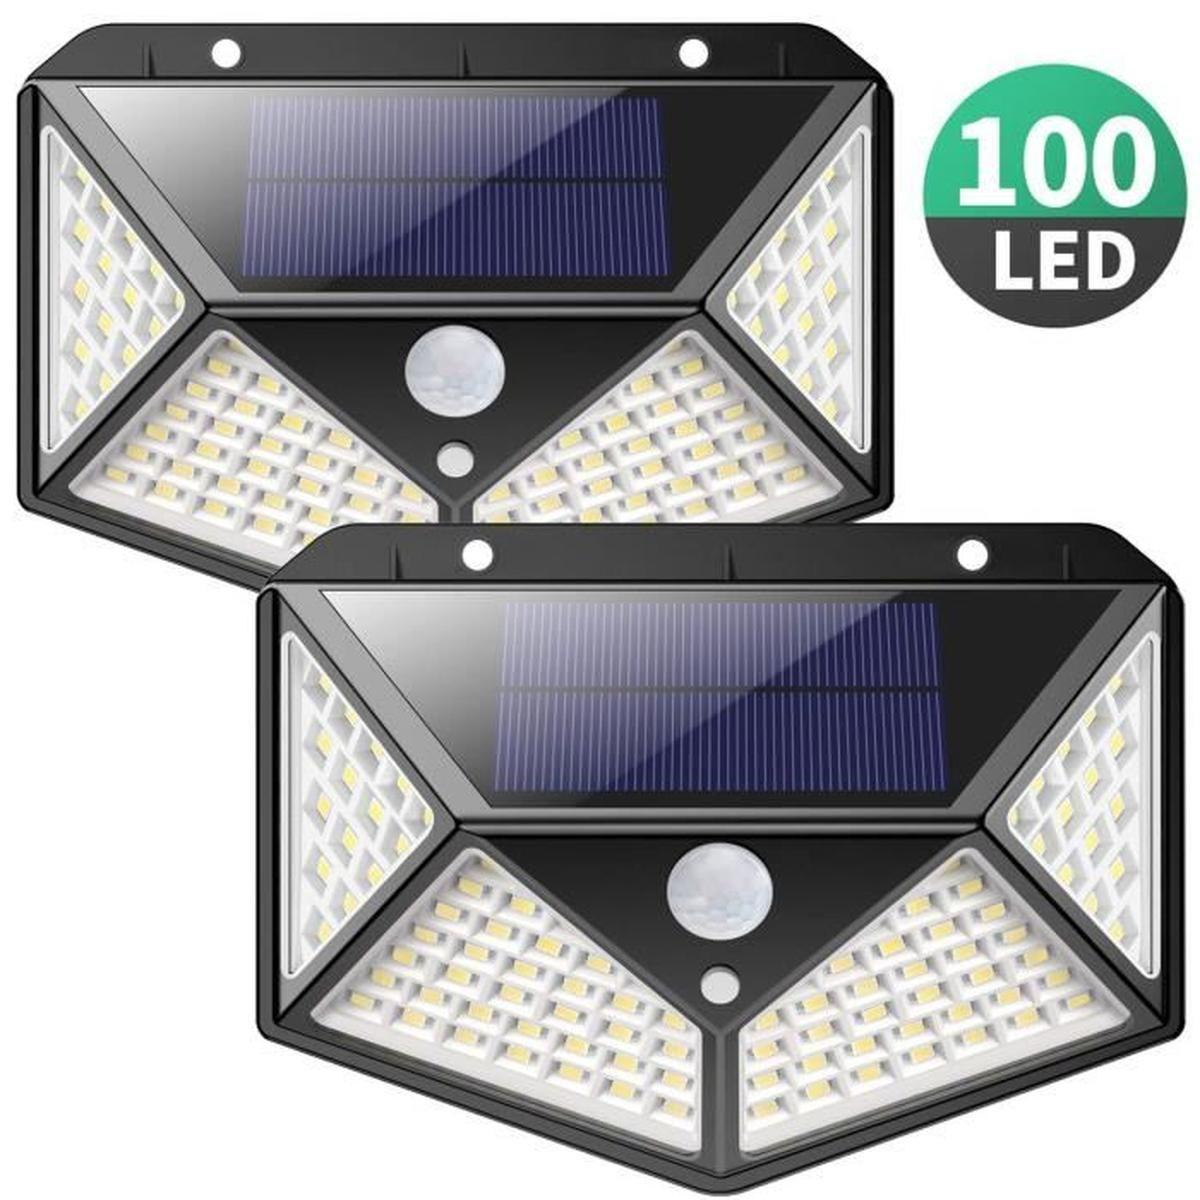 Lampe Solaire 100 Lumens destiné Lampe Solaire Jardin Puissante